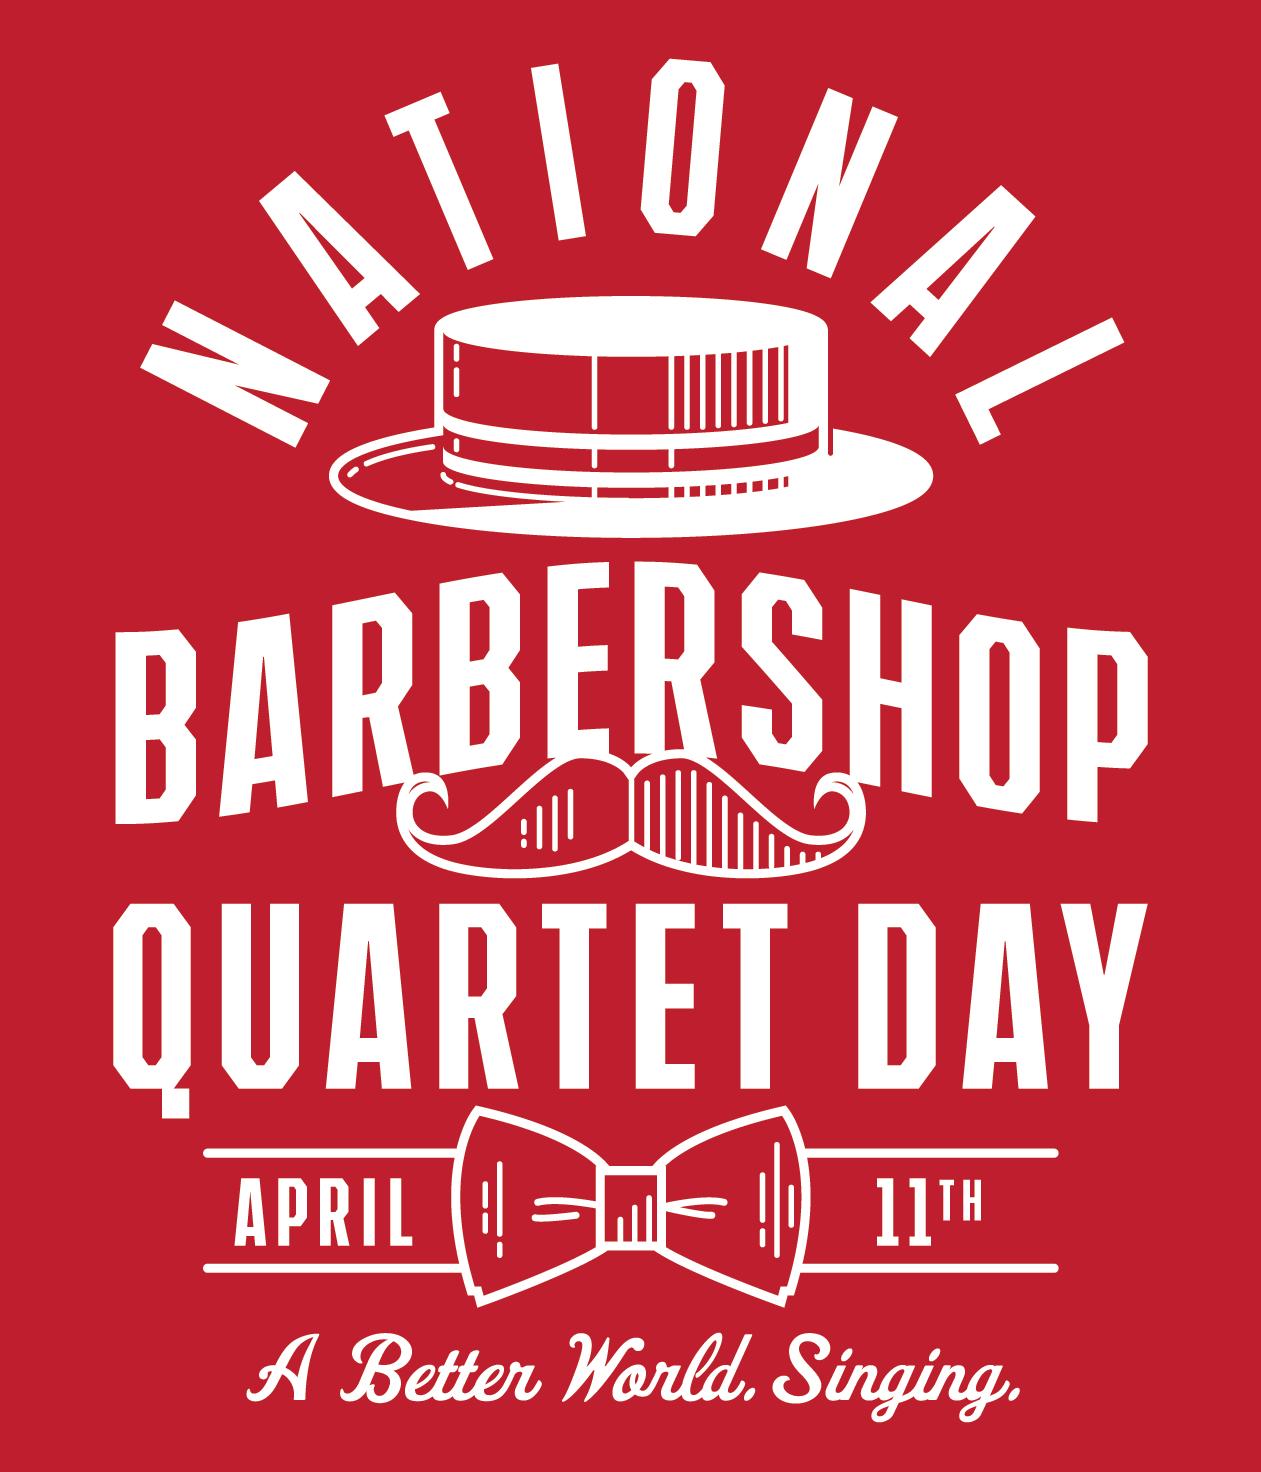 Barbershop Quartet Day